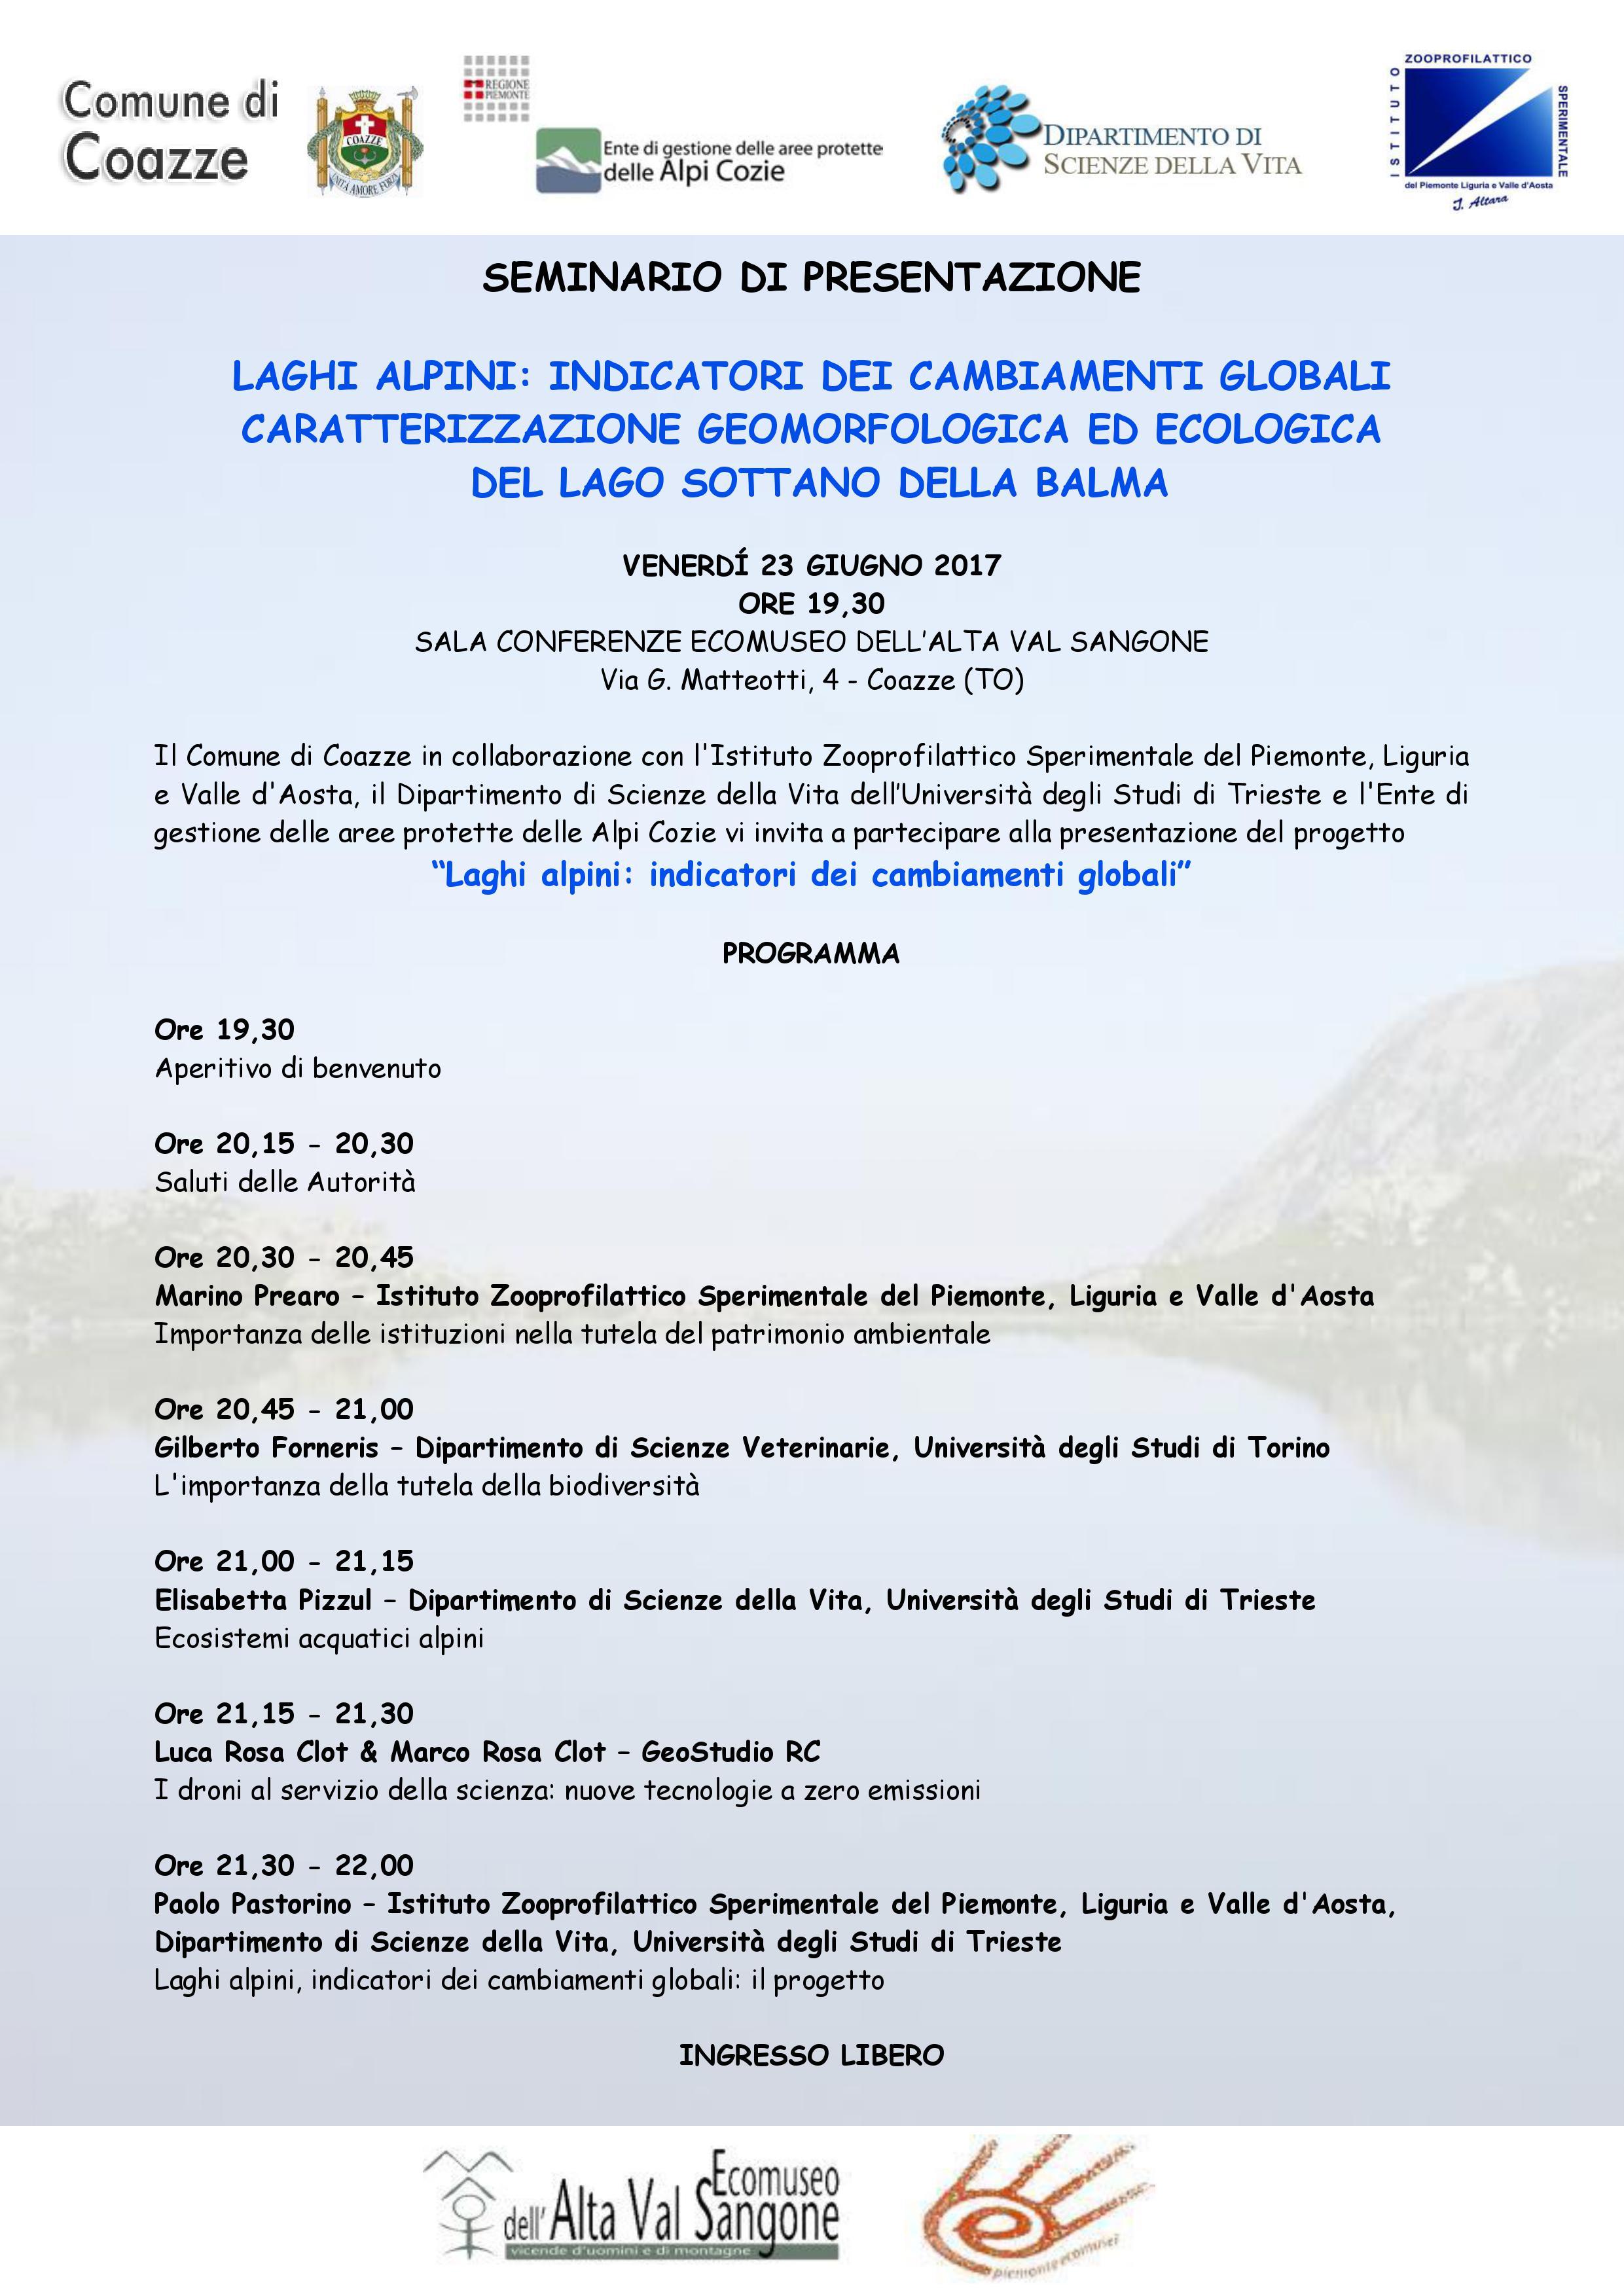 LAGHI ALPINI: INDICATORI DEI CAMBIAMENTI GLOBALI